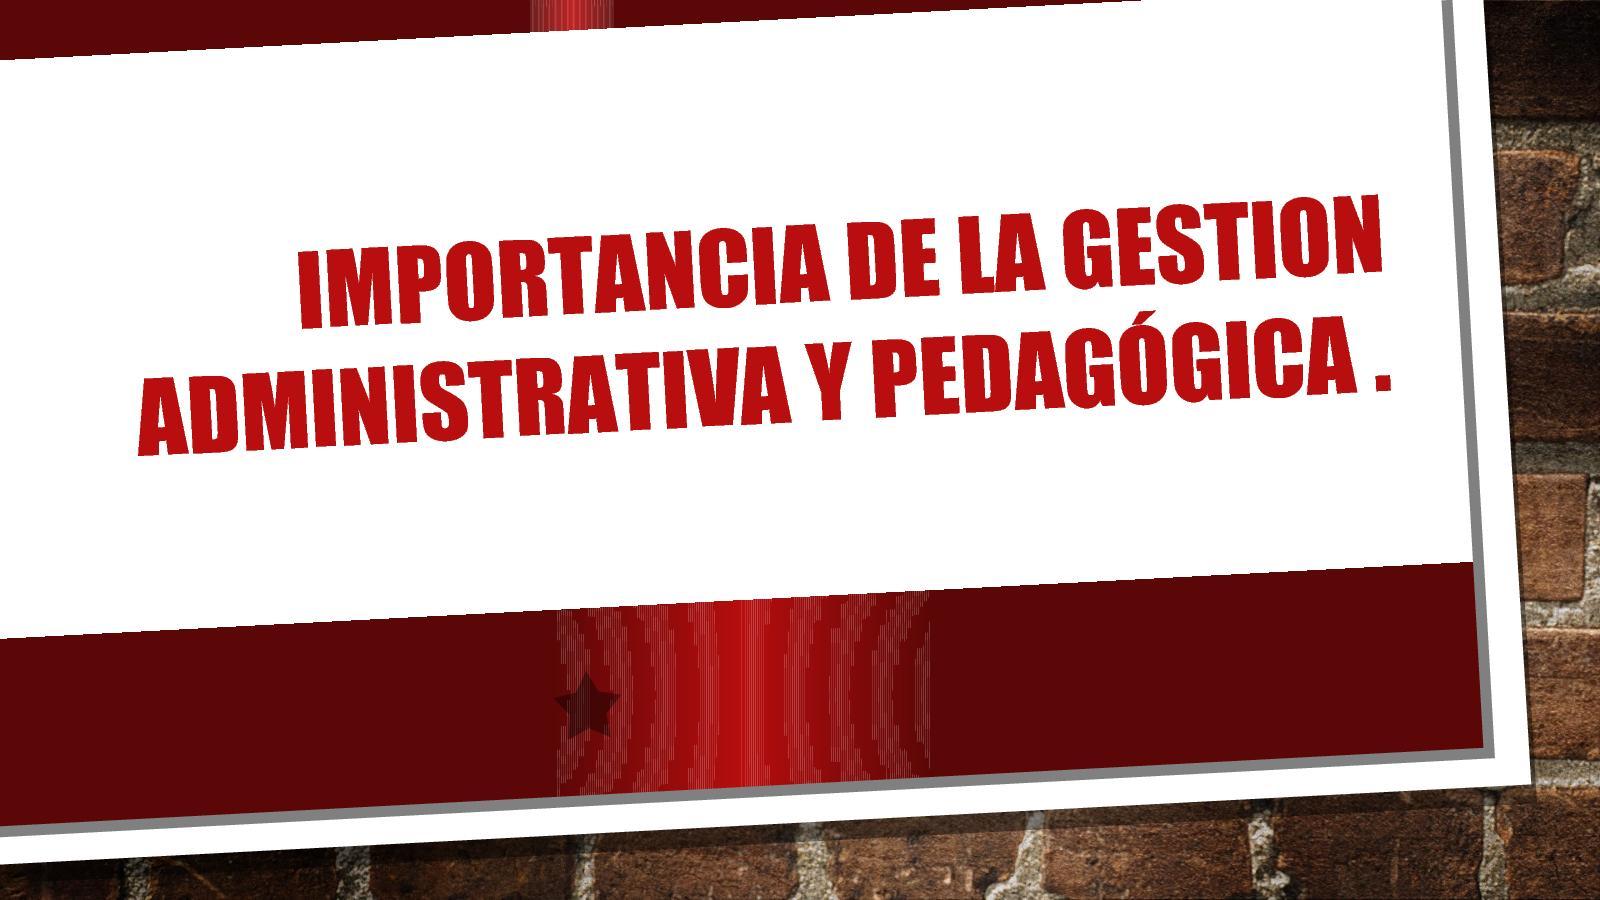 Importancia De La Gestion Administrativa Y Pedagógica